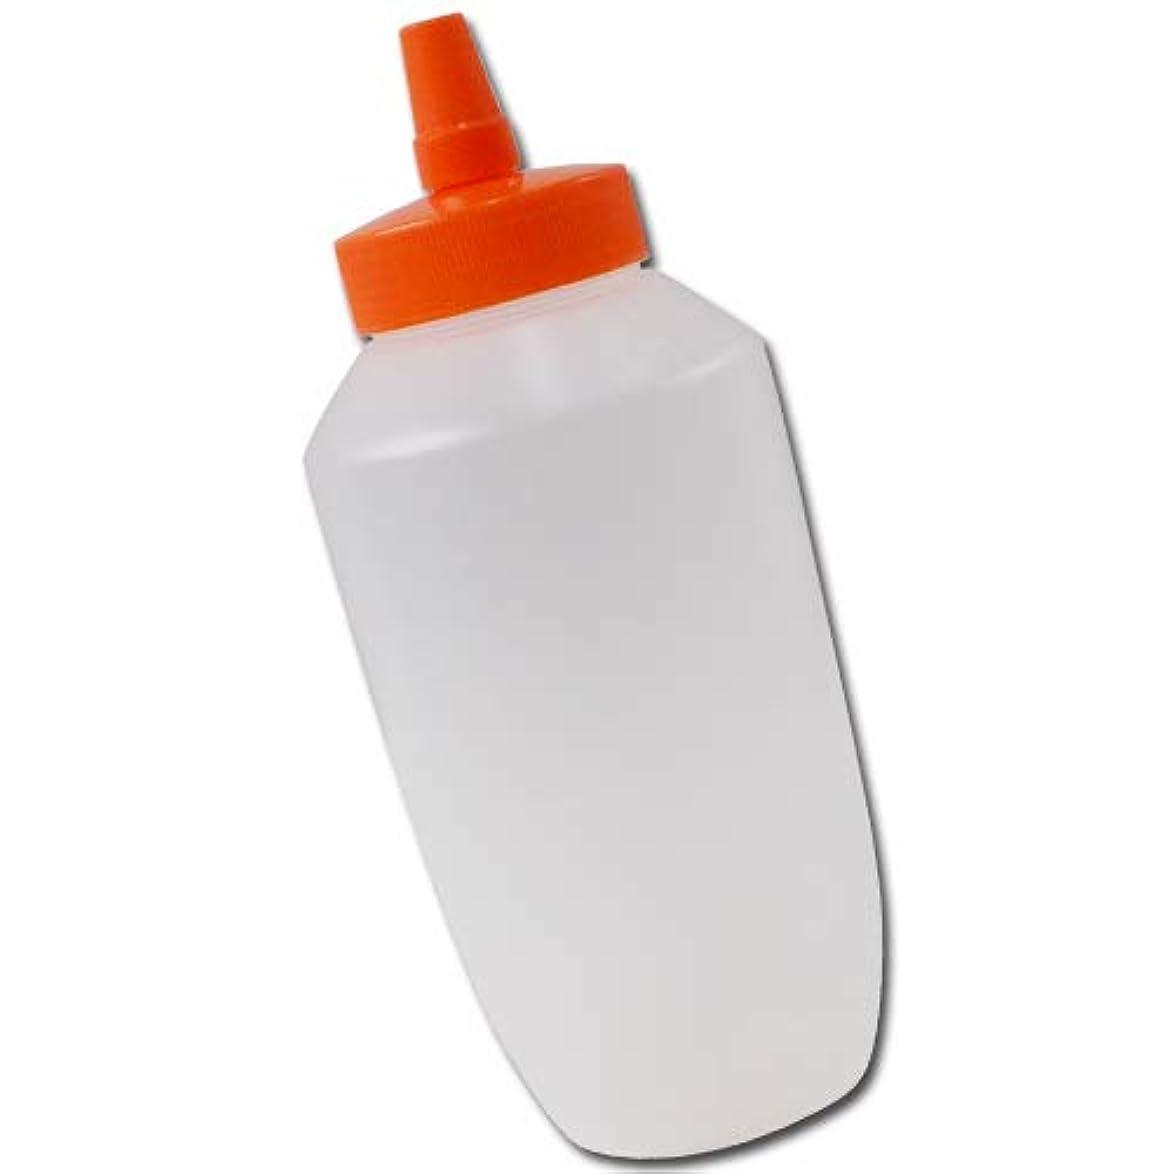 商品器官見えるはちみつ容器740mll(オレンジキャップ)│業務用ローションや調味料の小分けに詰め替え用ハチミツ容器(蜂蜜容器)はちみつボトルビッグな特大サイズ